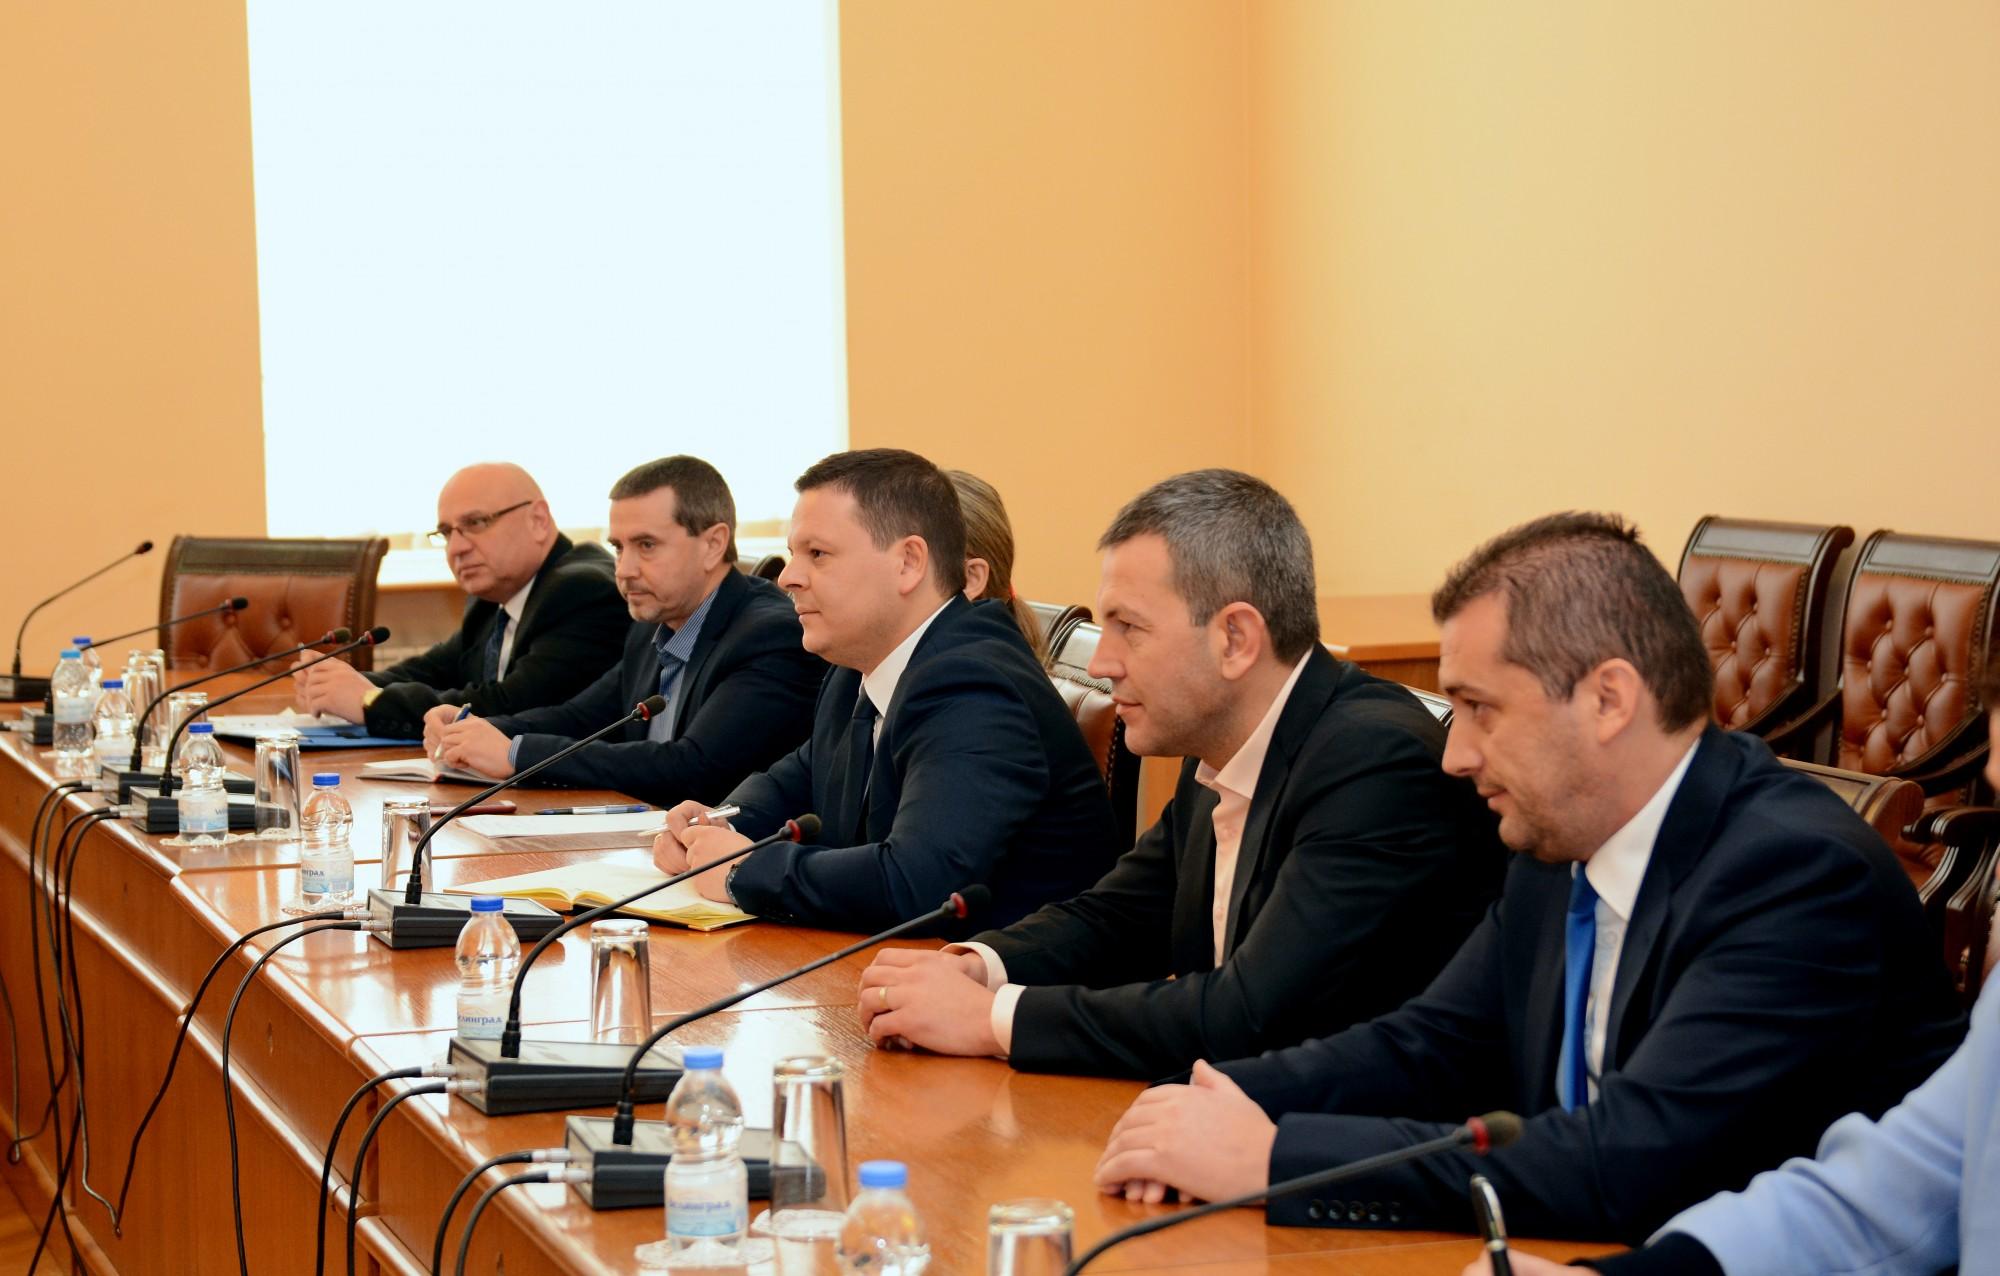 bugarska vlada ministarstvo saobracaja